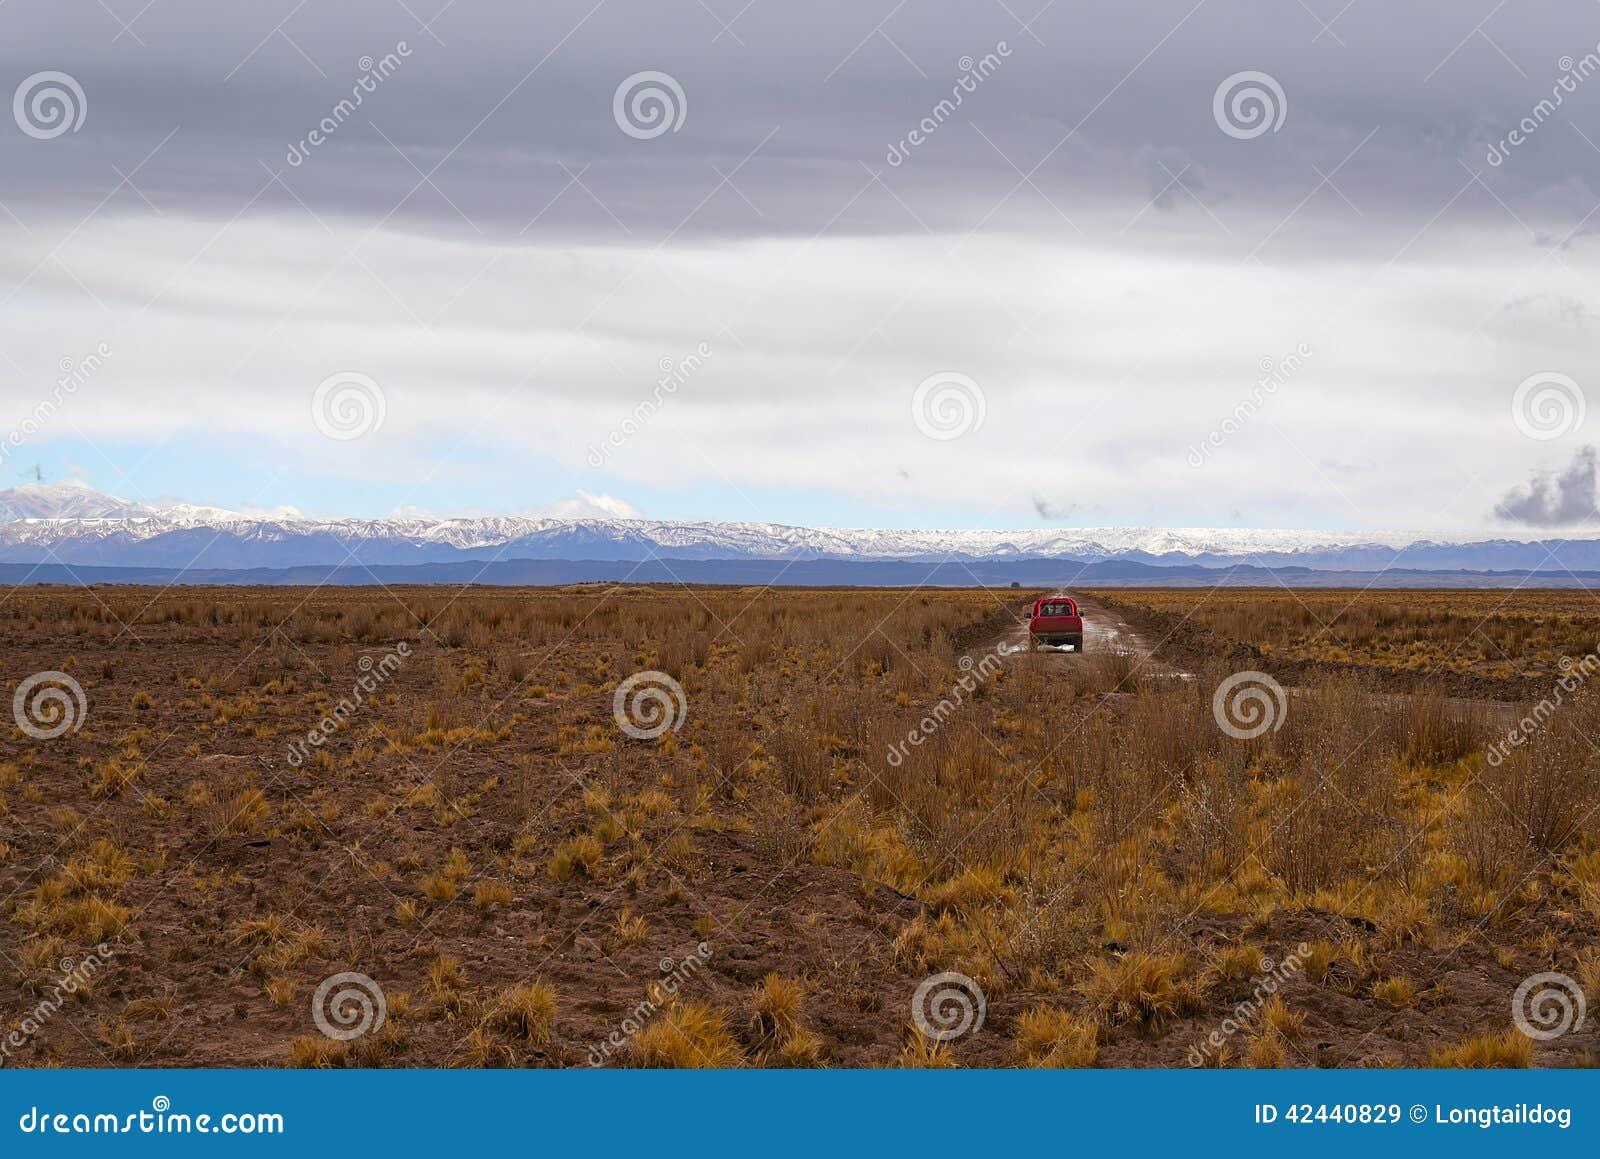 Aventura campo a través en el desierto de Atacama